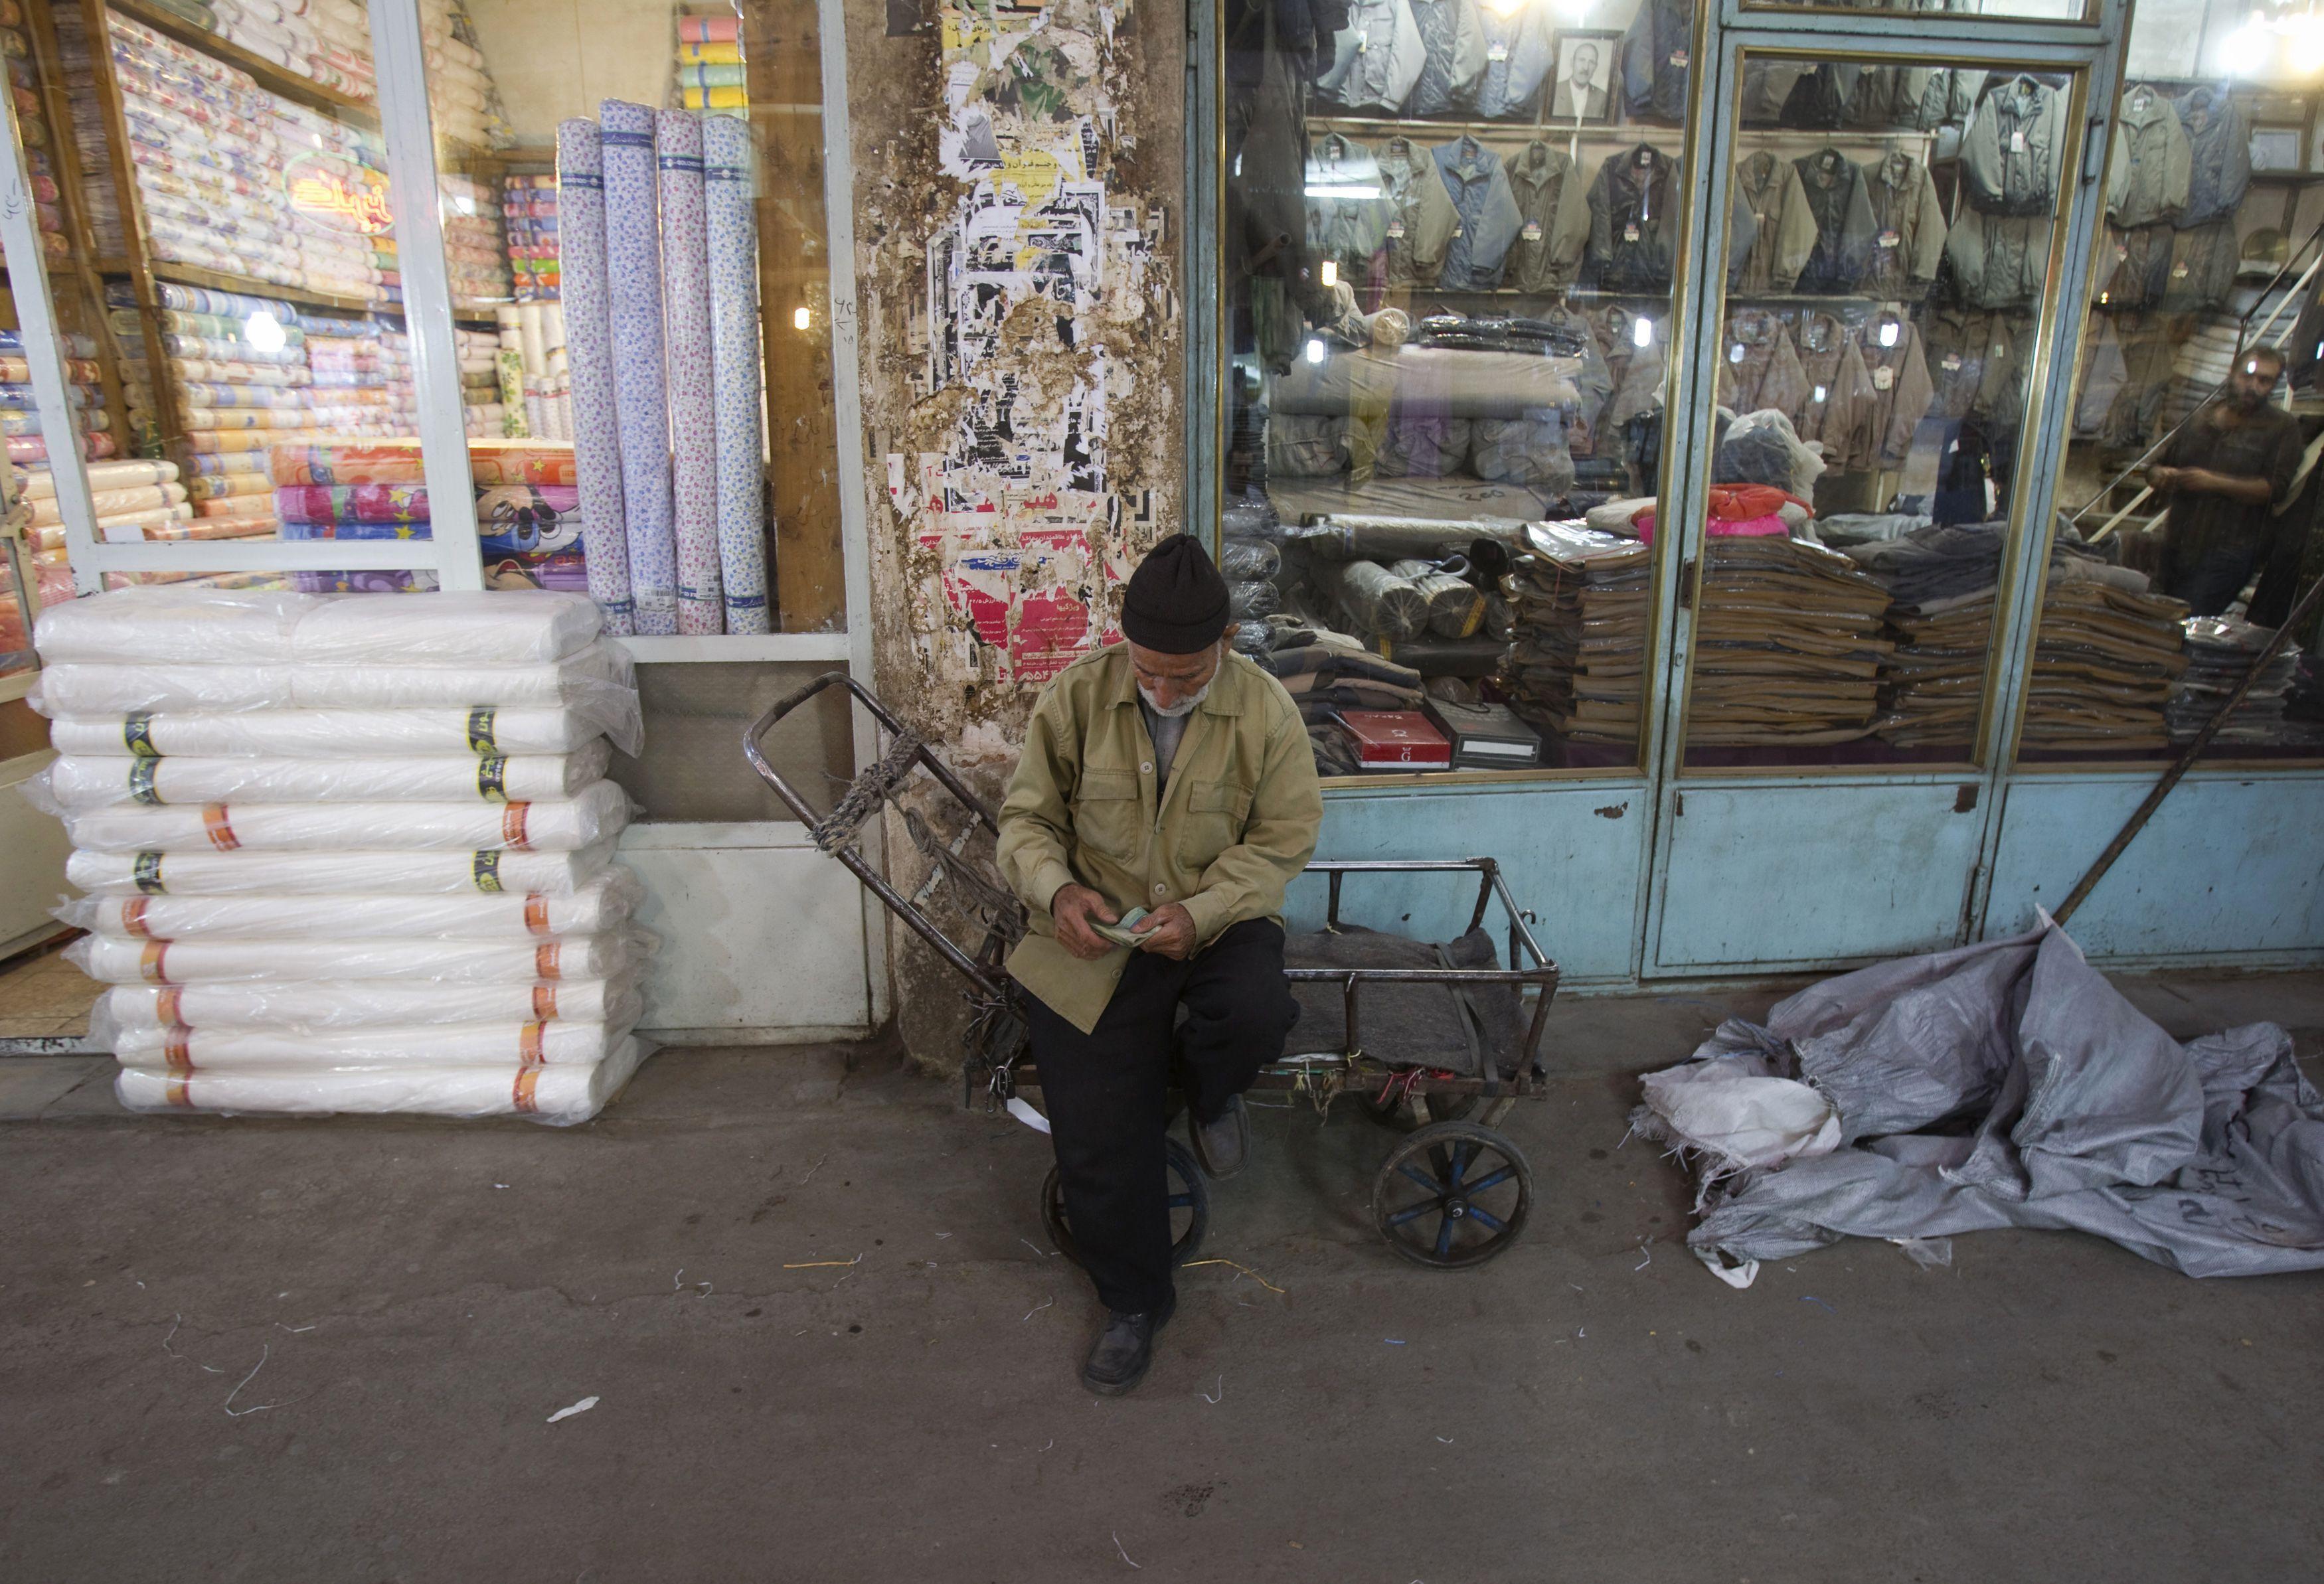 2011-08-29T120000Z_2069798846_GM1E78U019U01_RTRMADP_3_IRAN